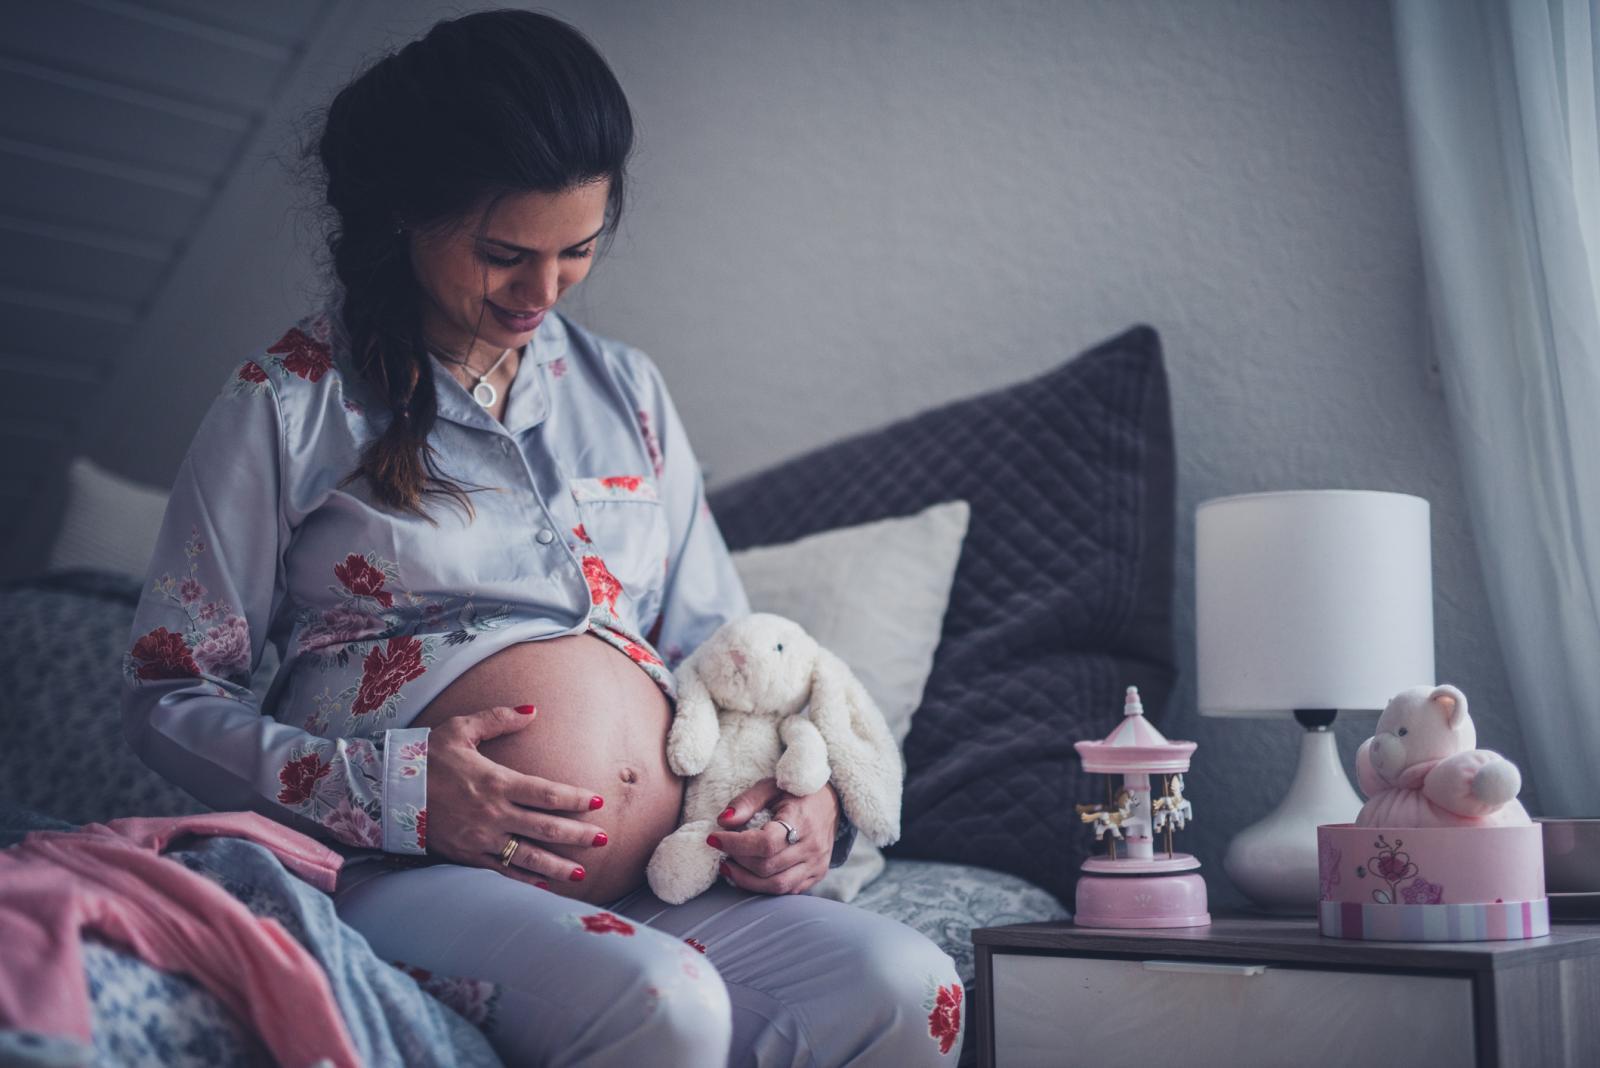 Ne bojte se trudnoće, ali je planirajte uz savjete liječnika!